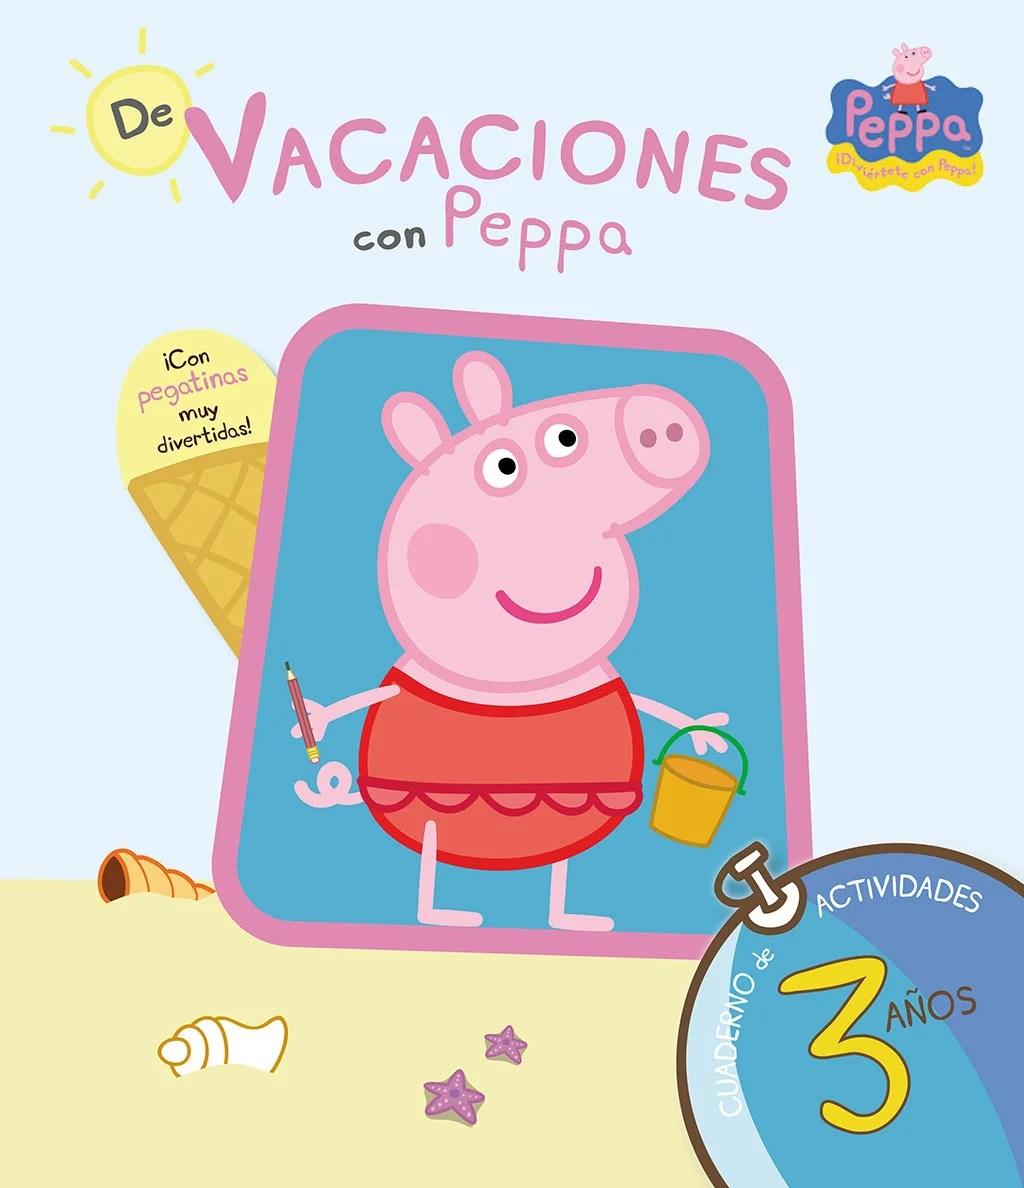 Cuadernos de verano. De vacaciones con pepa.